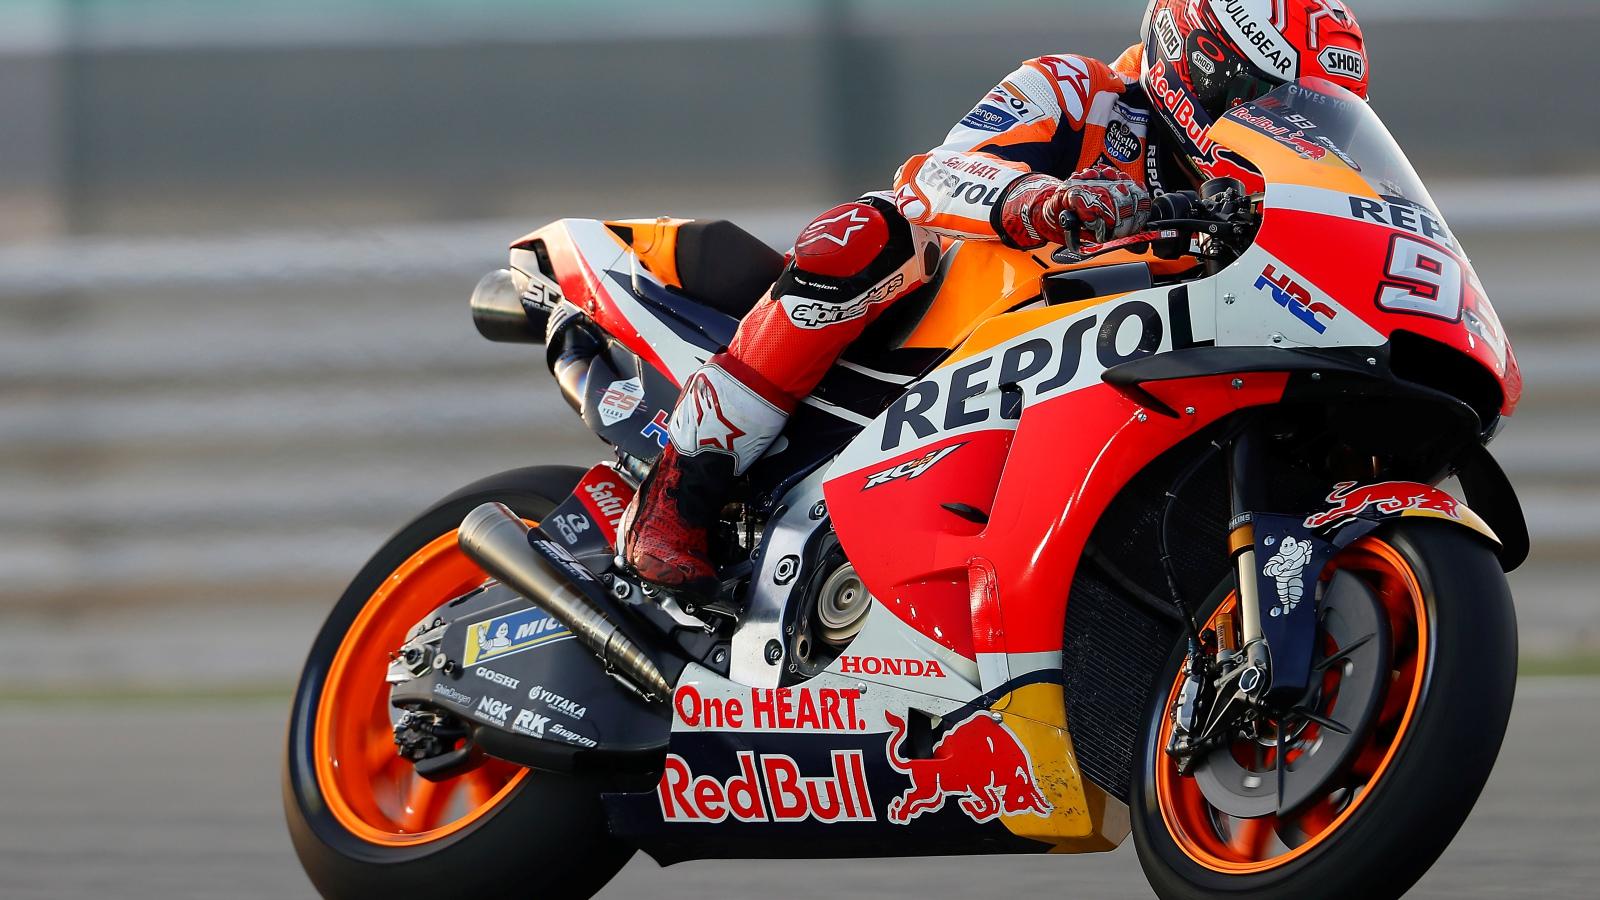 Marc Márquez revienta el récord de Qatar en el primer día de libres de MotoGP 2019